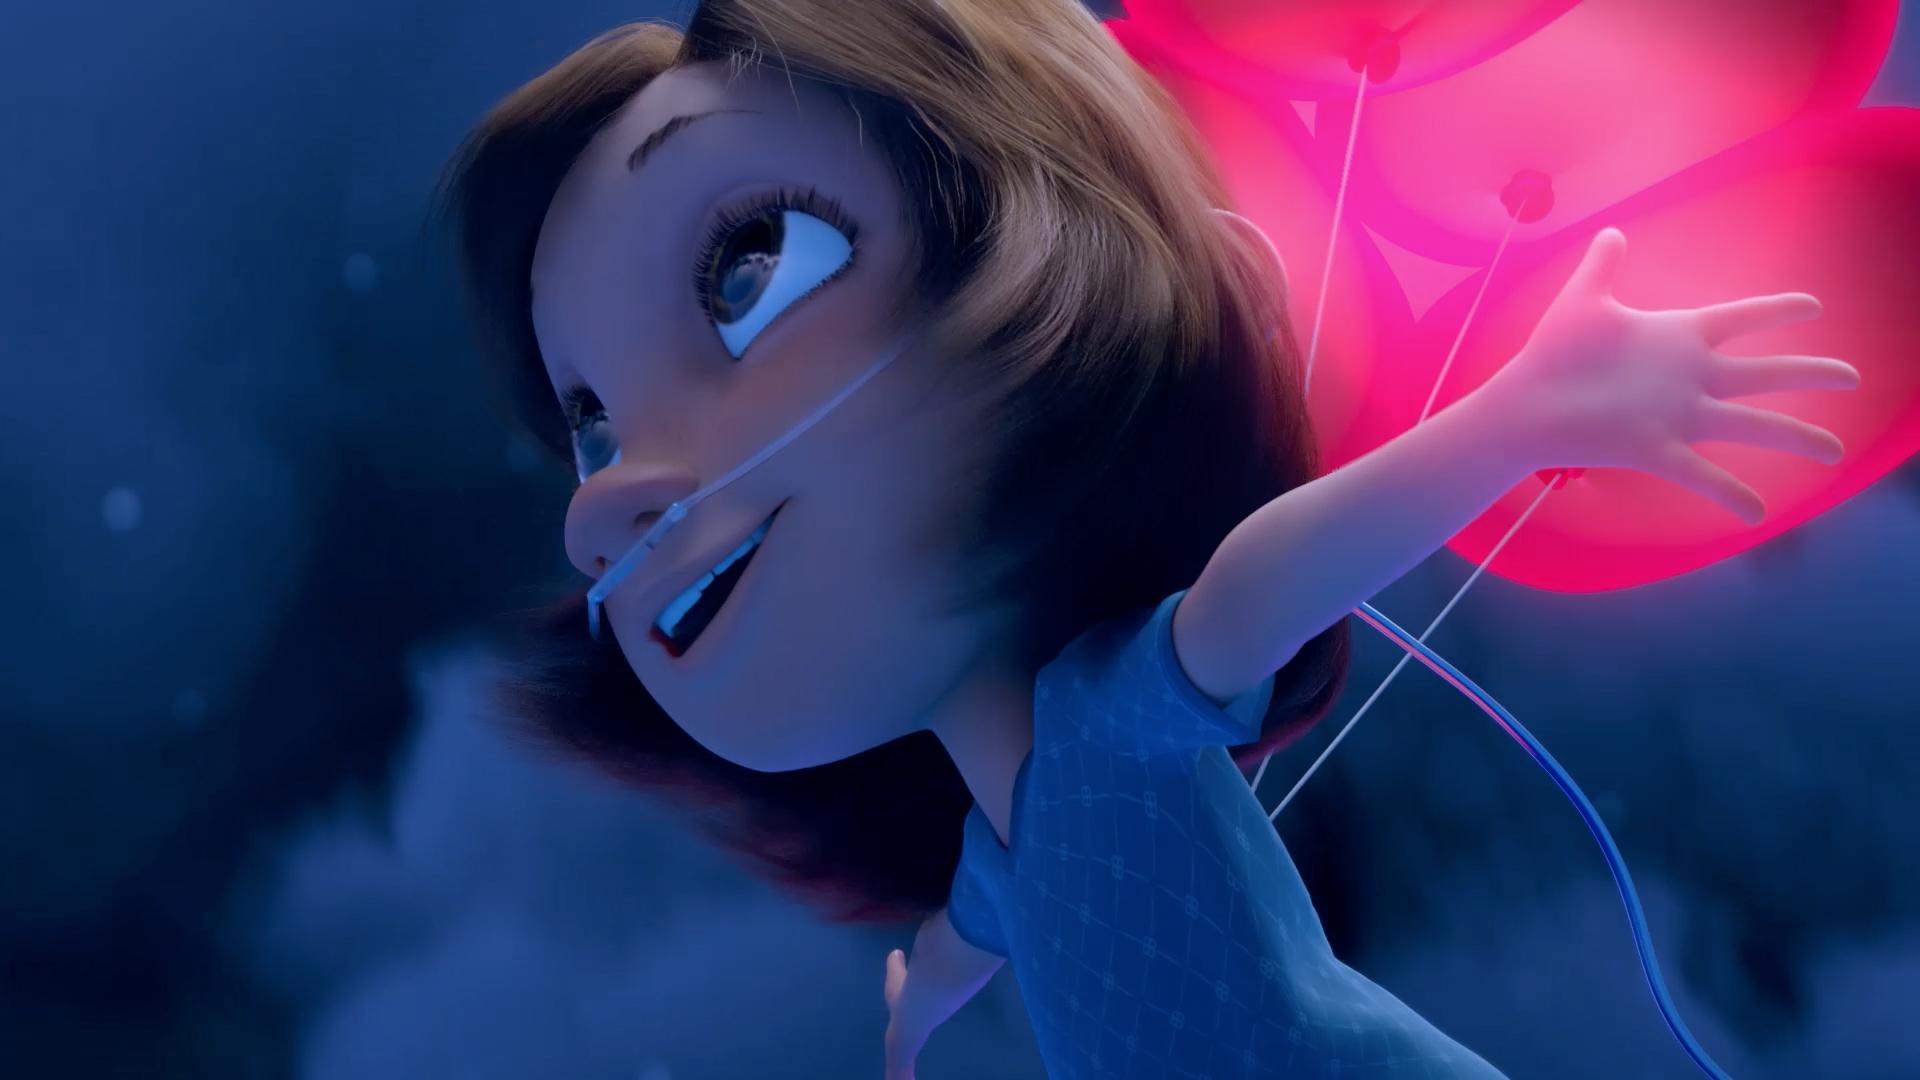 Na ilustração, a menina voa suspensa por balões em formato de corações. A menina usa tubos de oxigênio no nariz e usa roupas de paciente de hospital.